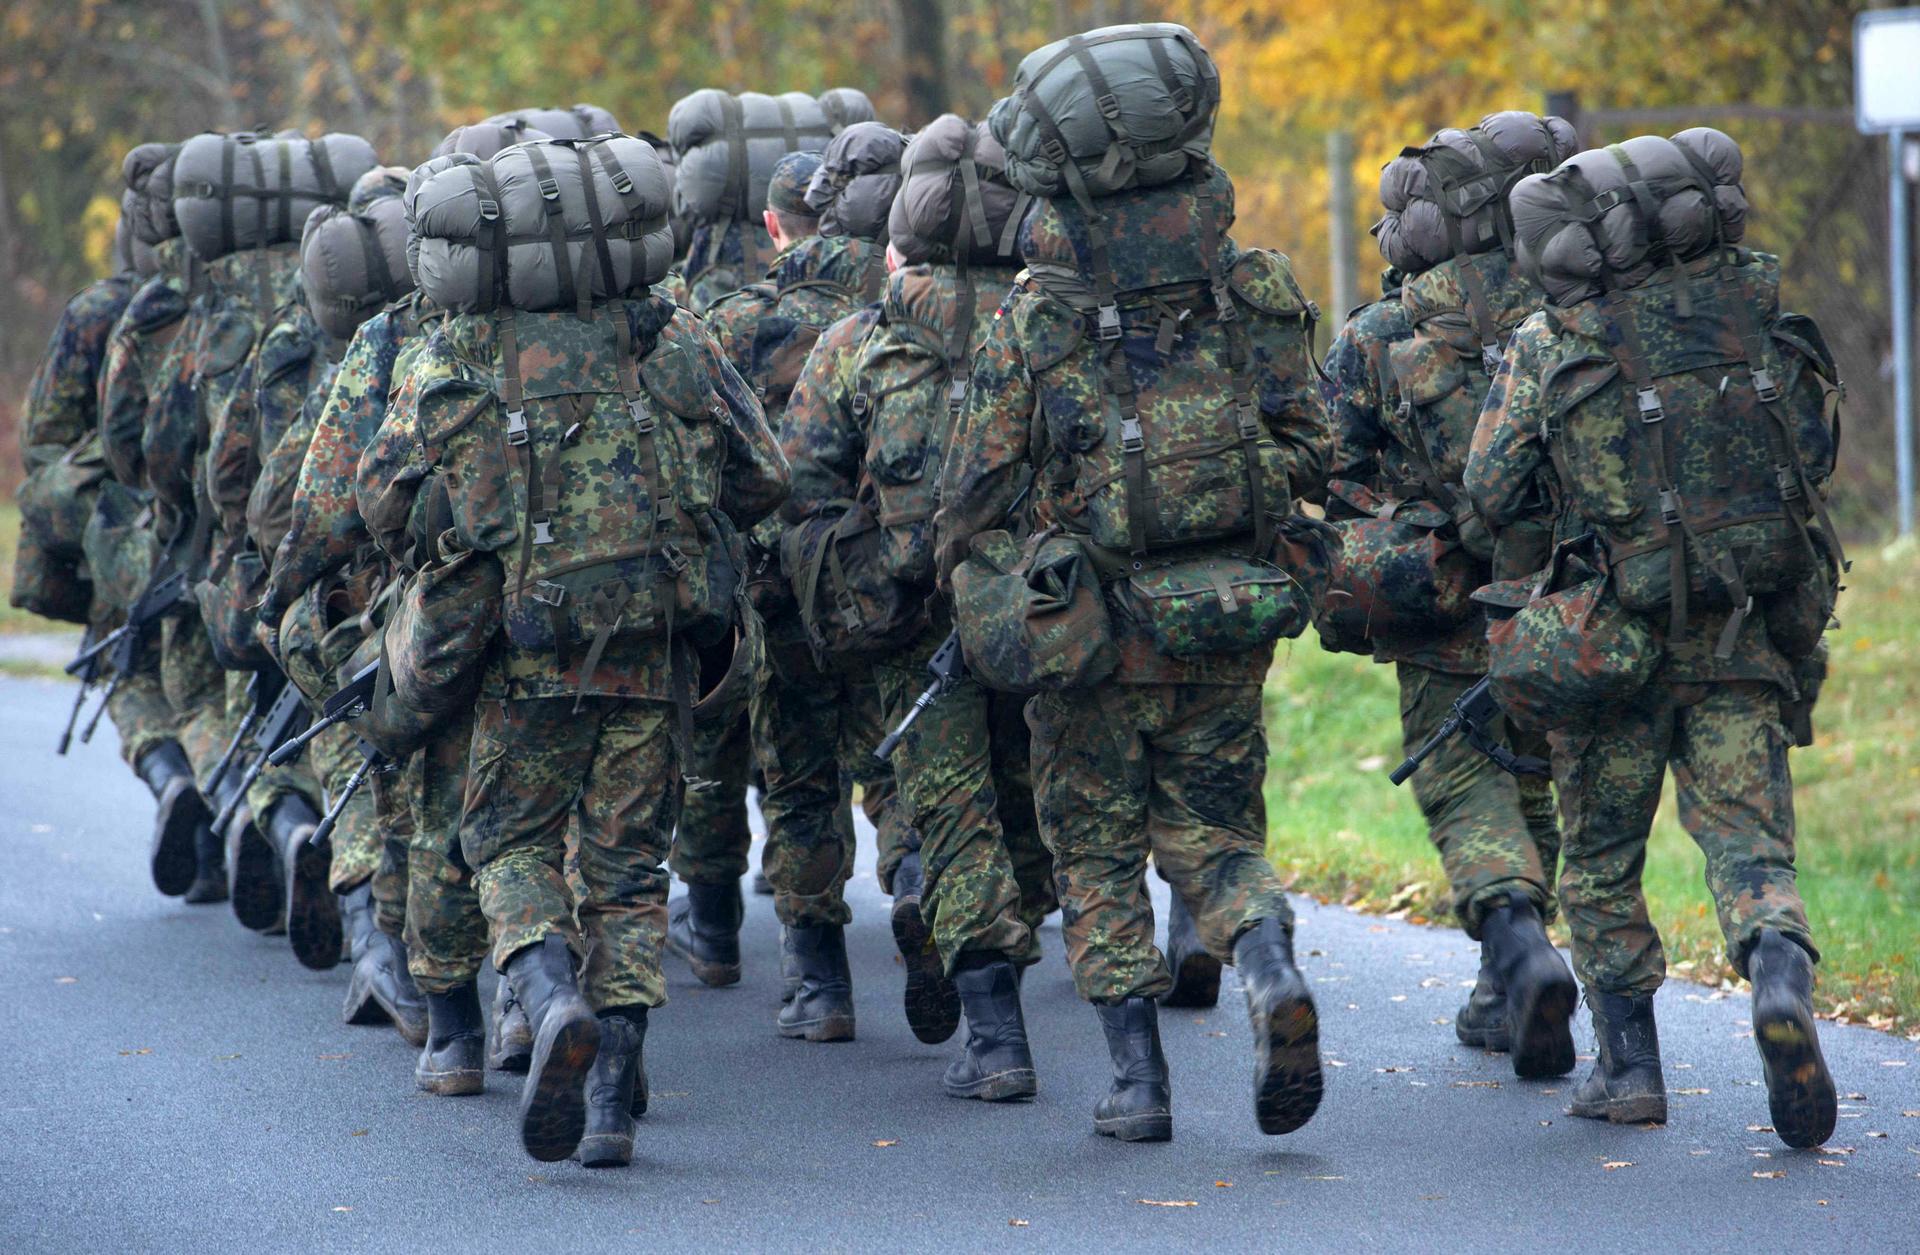 bundeswehr nachfrage fr freiwilligen wehrdienst bricht ein - Bundeswehr Freiwilliger Wehrdienst Bewerbung